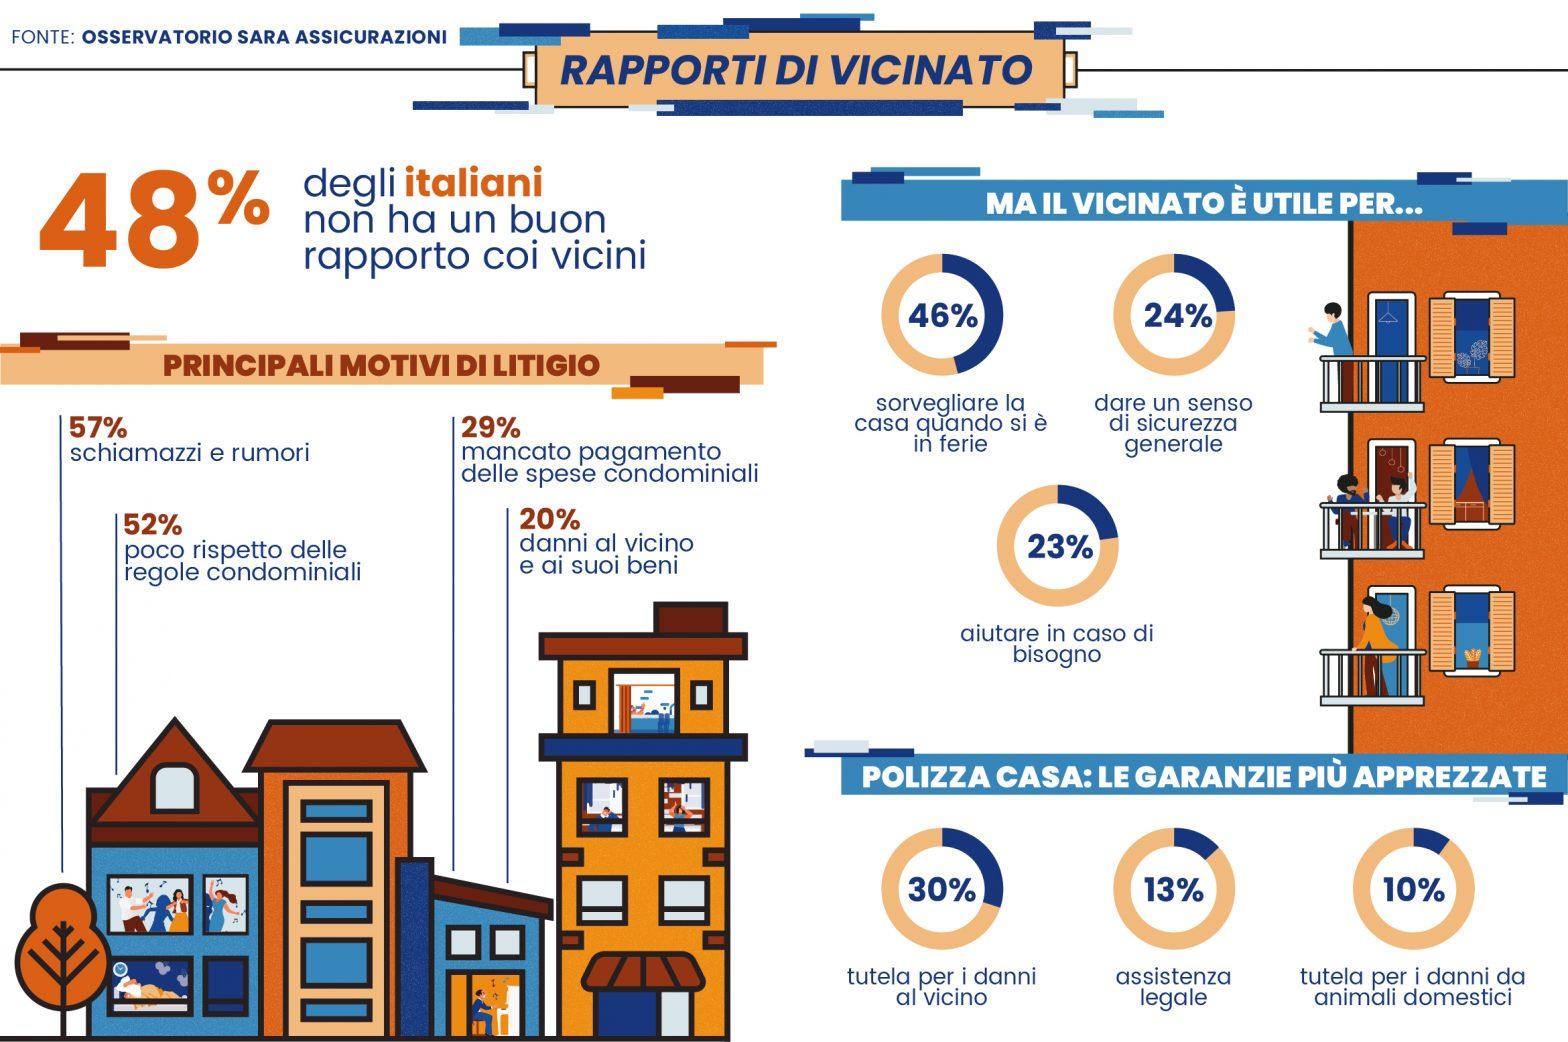 Osservatorio Sara Assicurazioni: Rapporti di vicinato